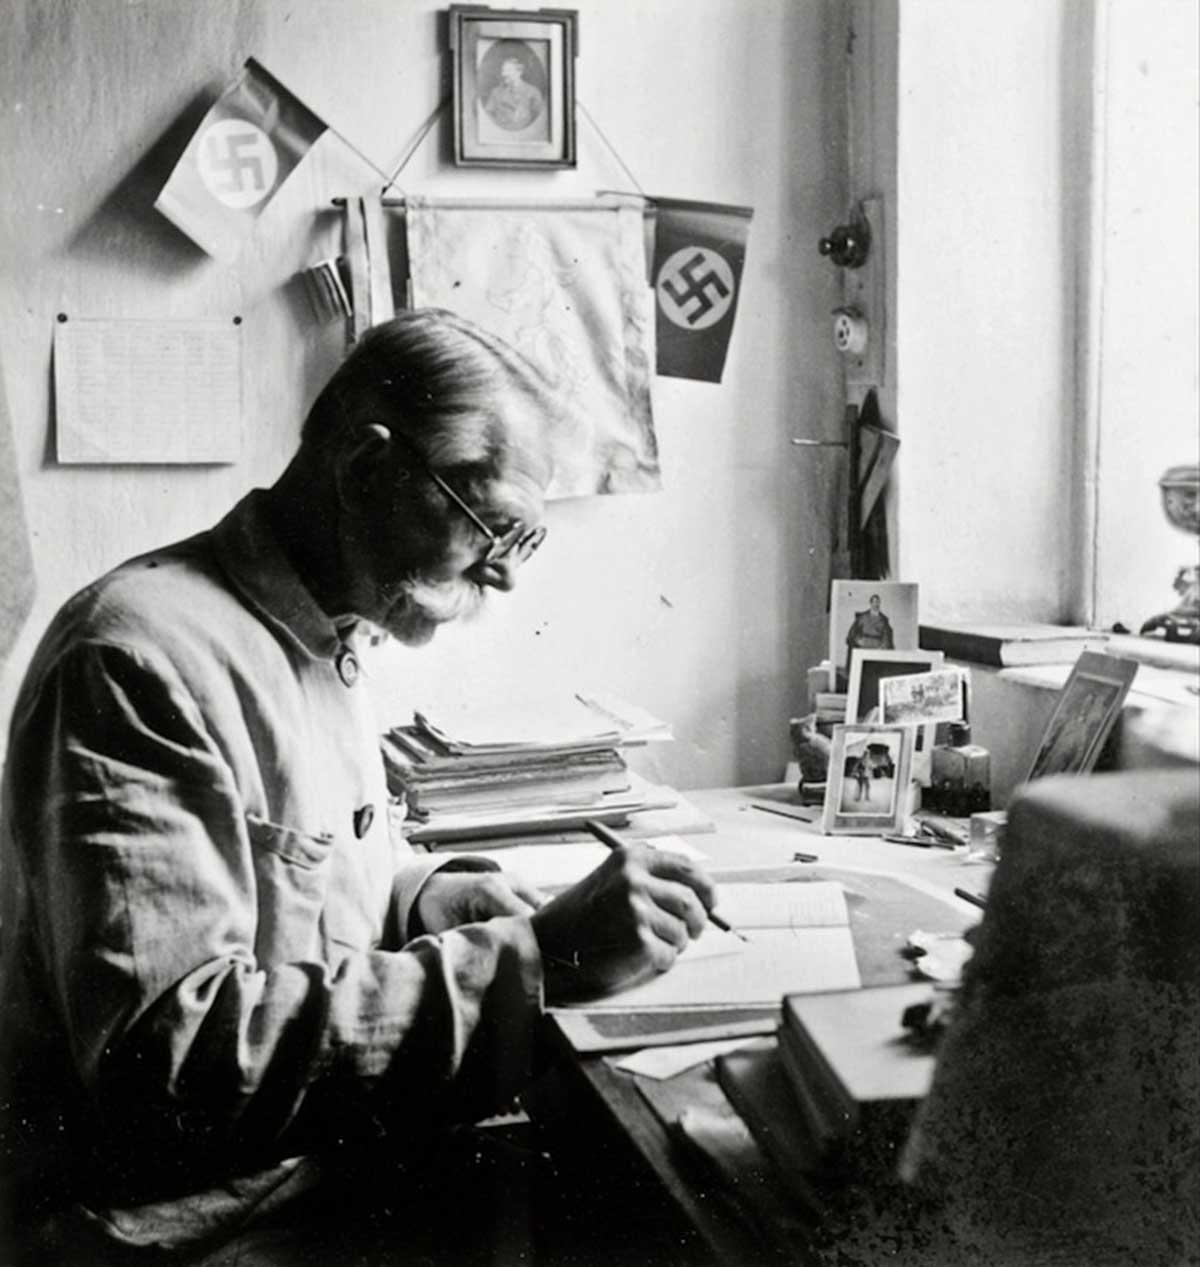 Profesor el Sr. Epp de una escuela de alemanes del Mar Negro en Blumengart. Asentamiento menonita de los colonos del este de Prusia al noroeste de la isla de Khortytsia. Colonia Chortitza cerca de Zaporizhia. 1943.